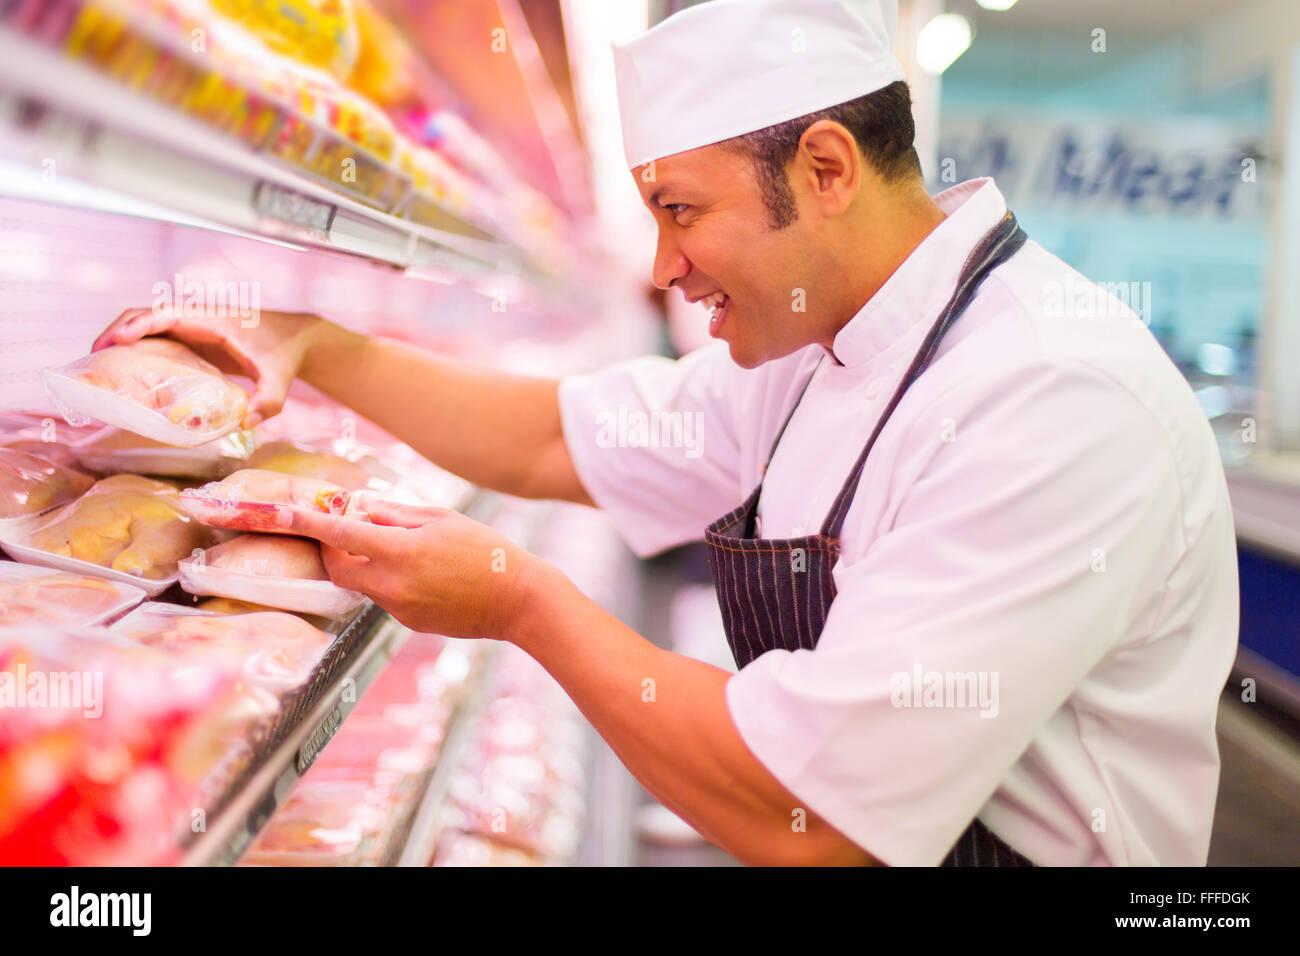 Feliz carnicero de mediana edad trabajando en la carnicería Imagen De Stock